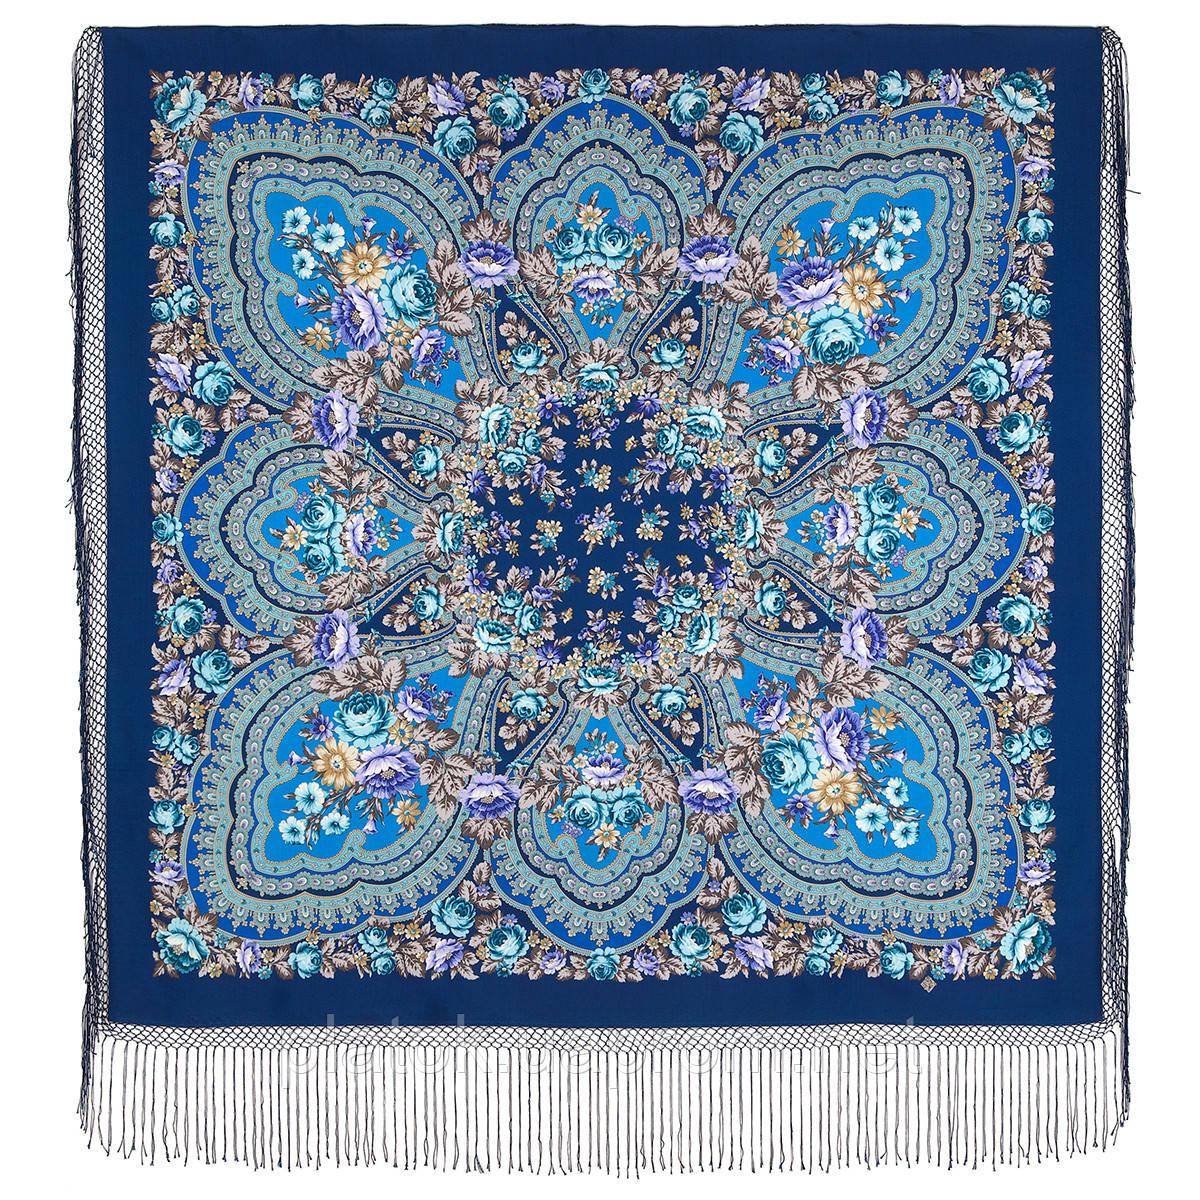 Финифть 341-14, павлопосадский платок (шаль) из уплотненной шерсти с шелковой вязанной бахромой